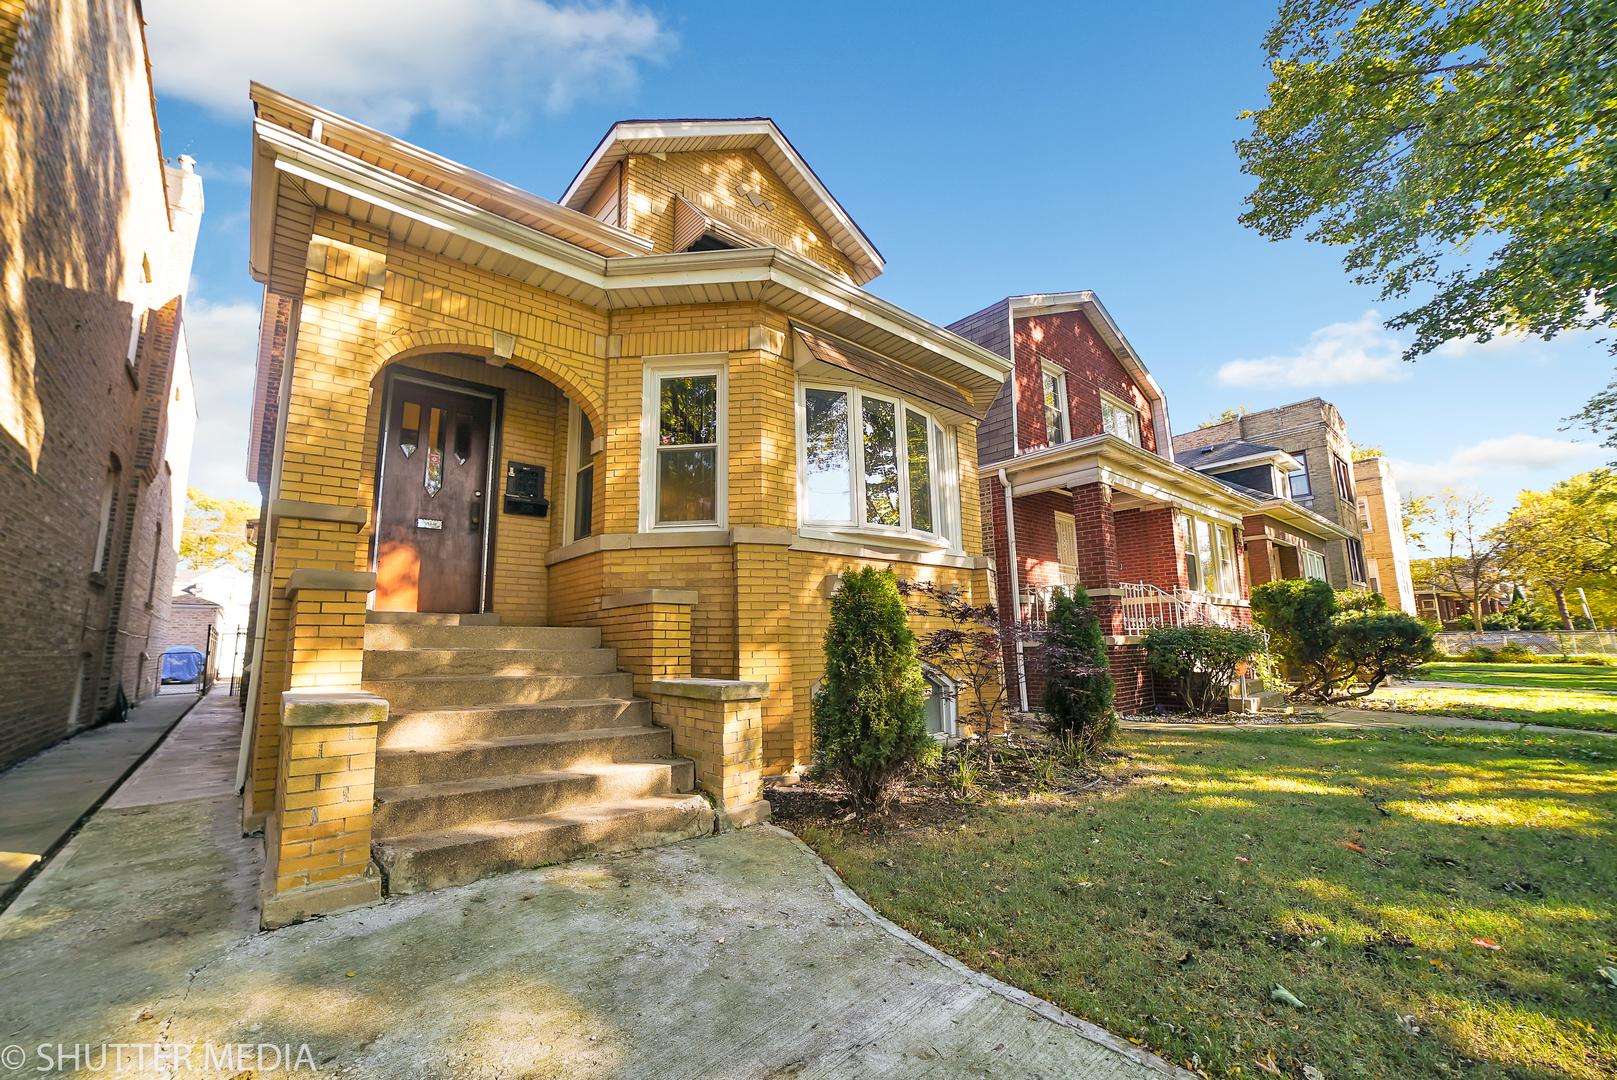 5012 West Oakdale, CHICAGO, Illinois, 60641